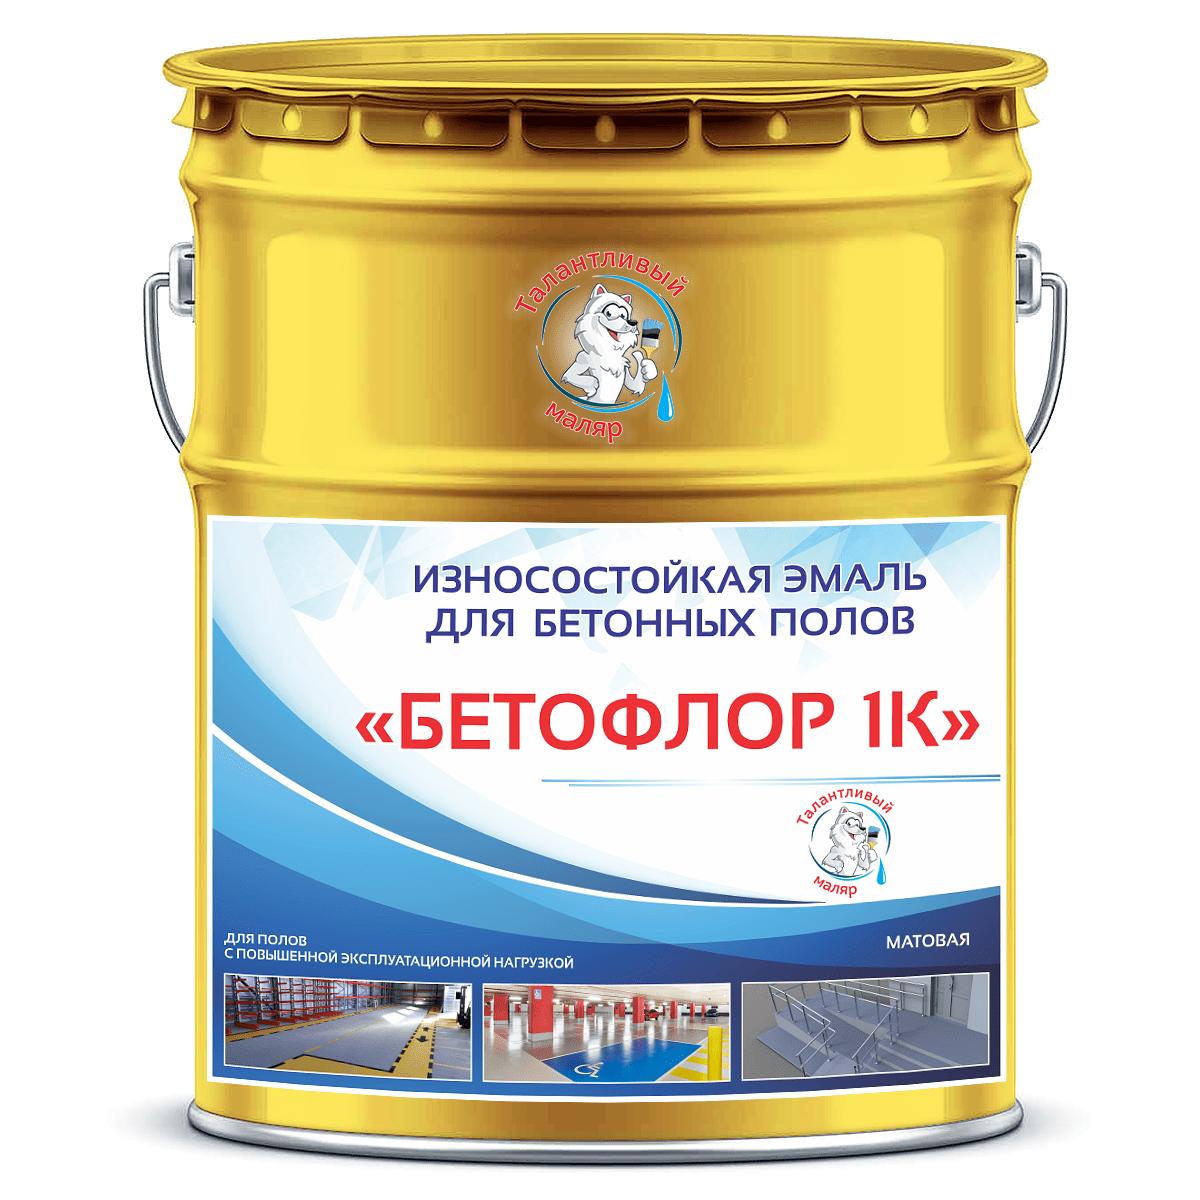 """Фото 6 - BF1005 Эмаль для бетонных полов """"Бетофлор"""" 1К цвет RAL 1005 Медово-жёлтый, матовая износостойкая, 25 кг """"Талантливый Маляр""""."""